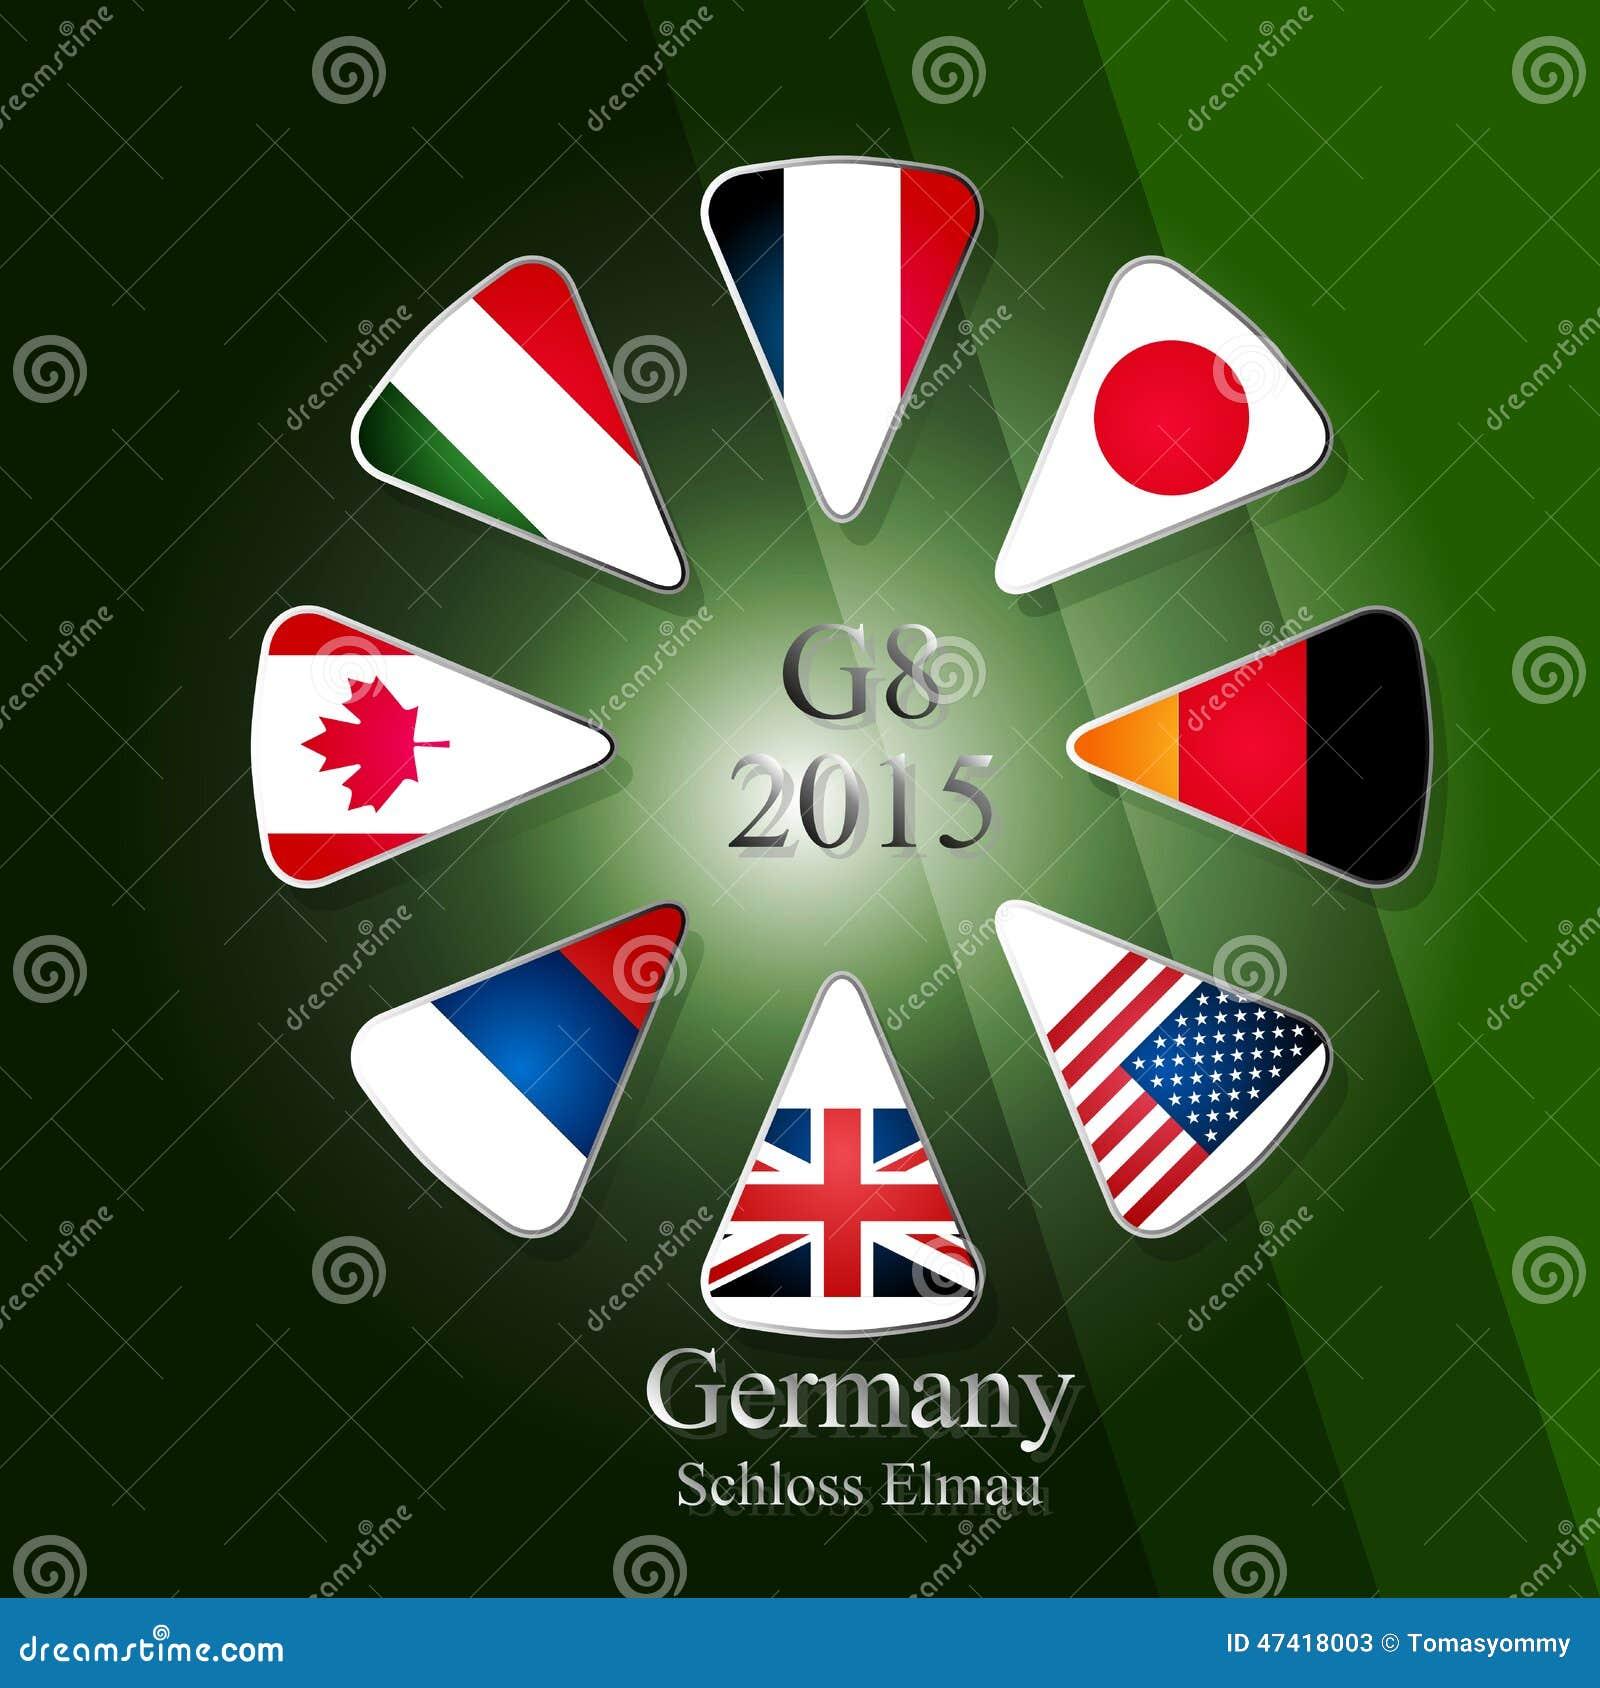 Cumbre G8 infographic